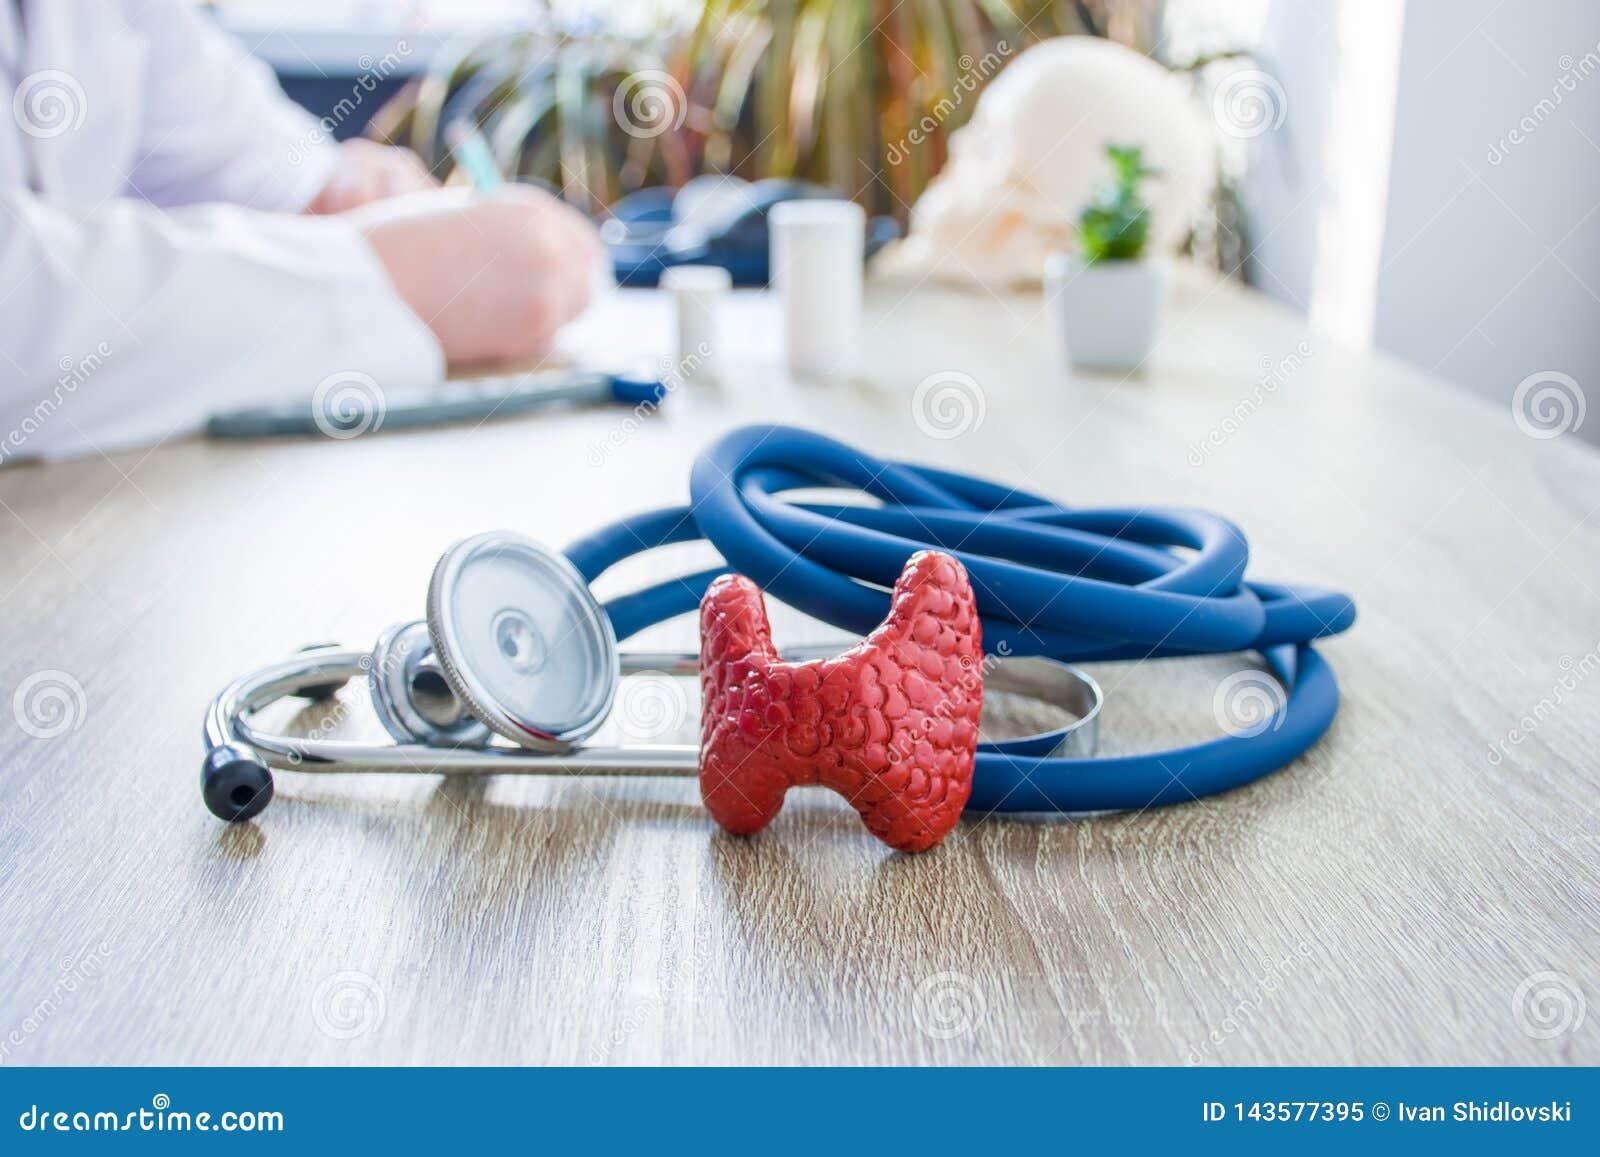 Conceptenfoto van diagnose en behandeling van schildklier In voorgrond is model van schildklier dichtbij stethoscoop op lijst in